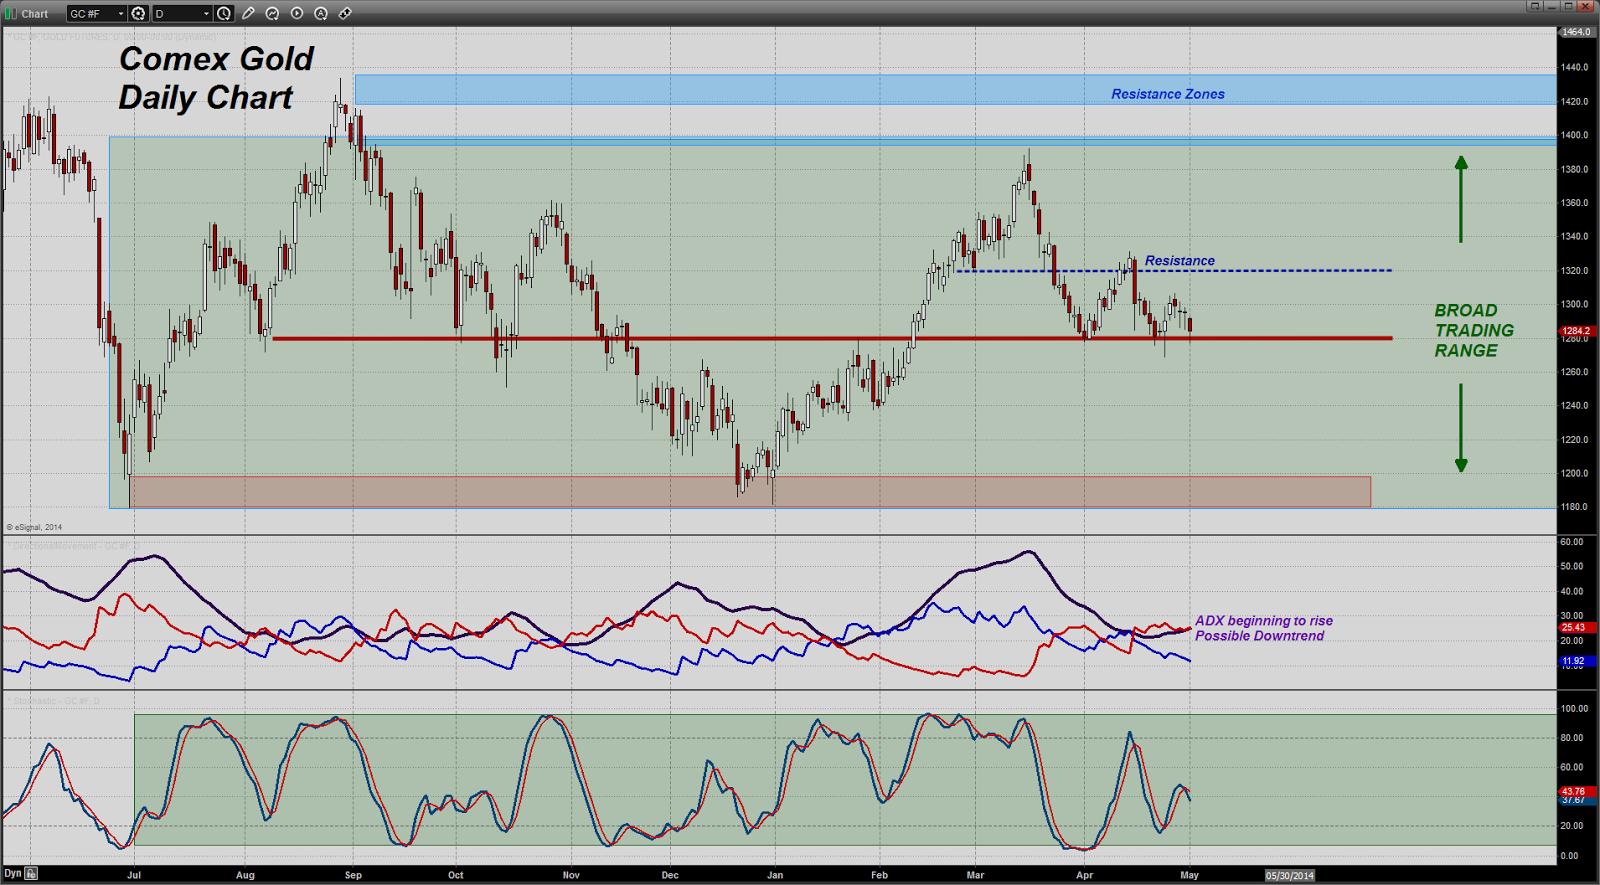 prix de l'or, de l'argent et des minières / suivi quotidien en clôture - Page 12 Chart20140501093054